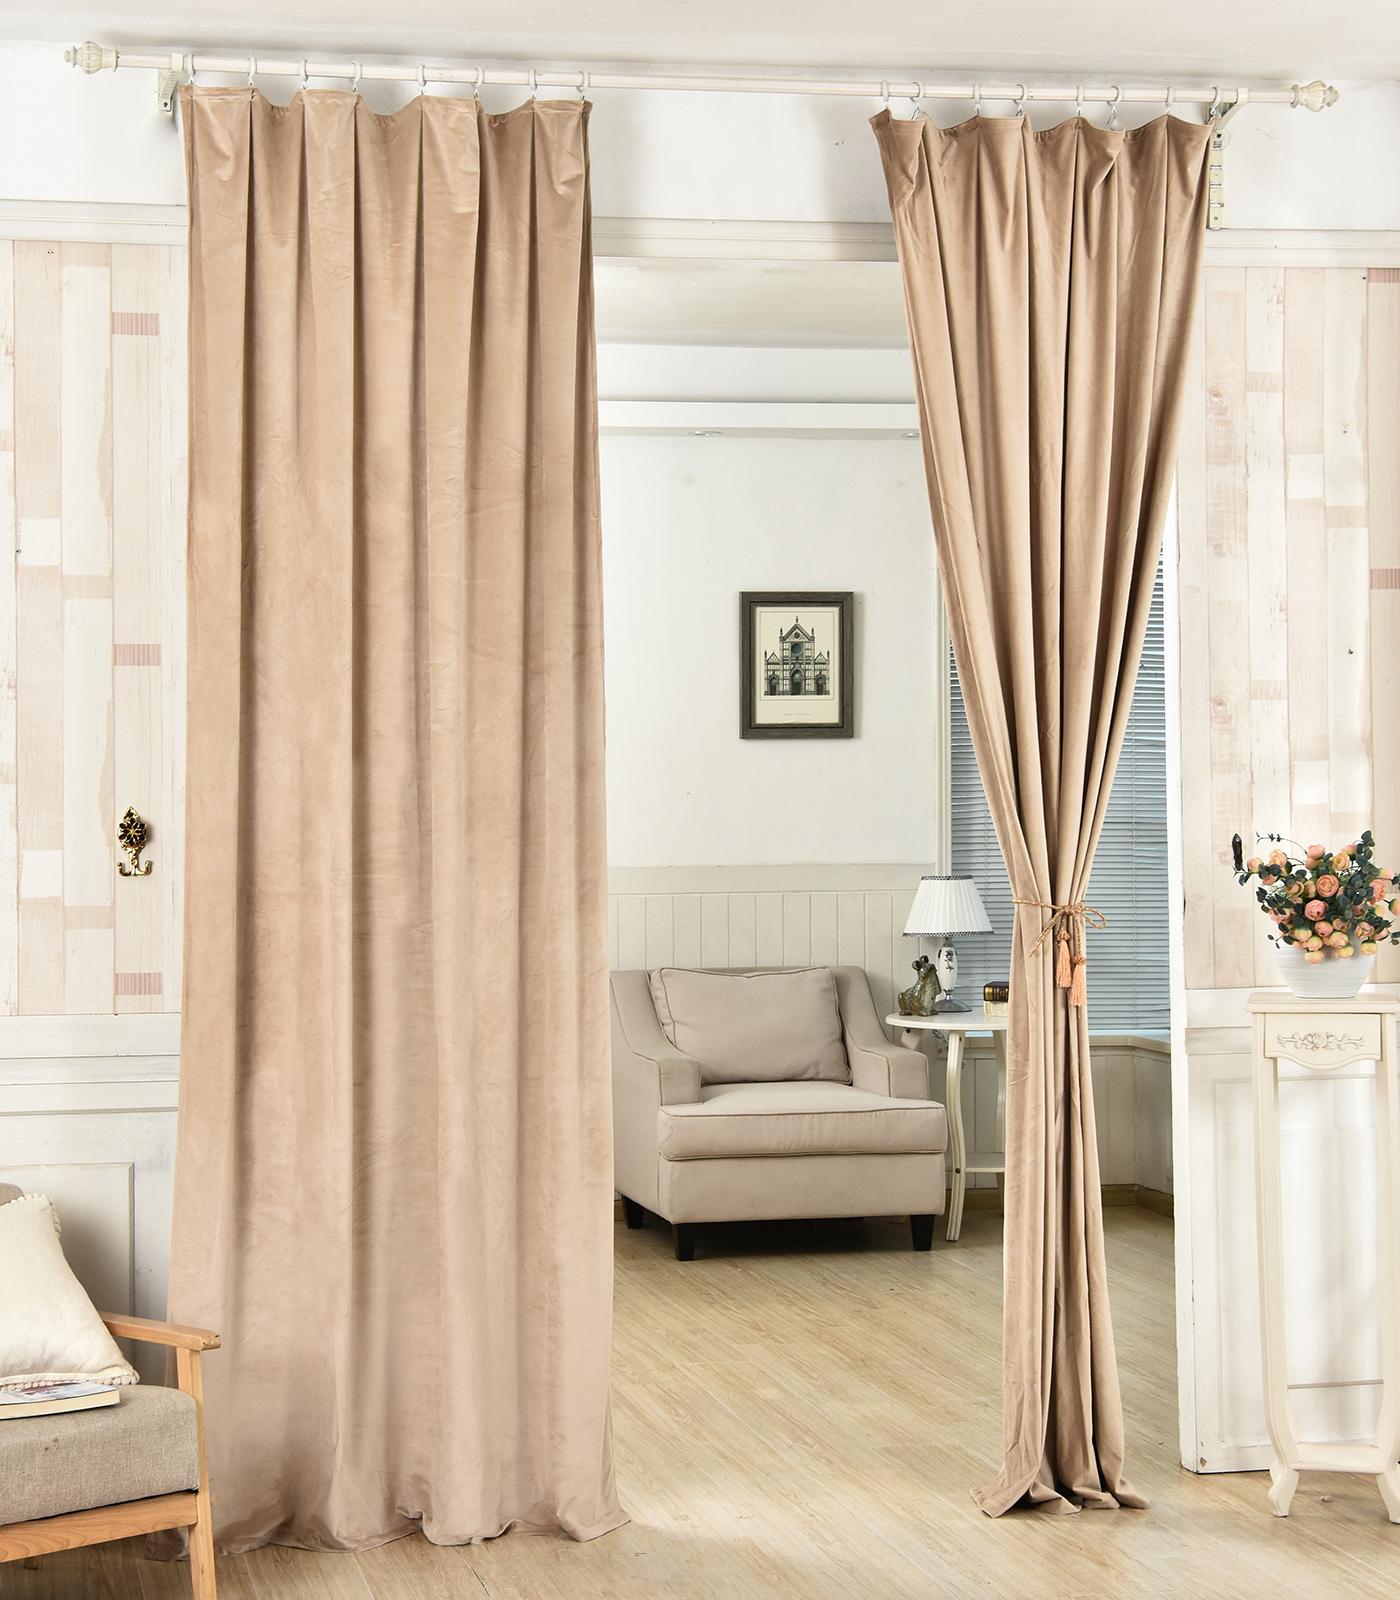 2er gardinen blickdicht thermo kr uselband beflockte 135x245 khaki vh5874kk 2 ebay. Black Bedroom Furniture Sets. Home Design Ideas